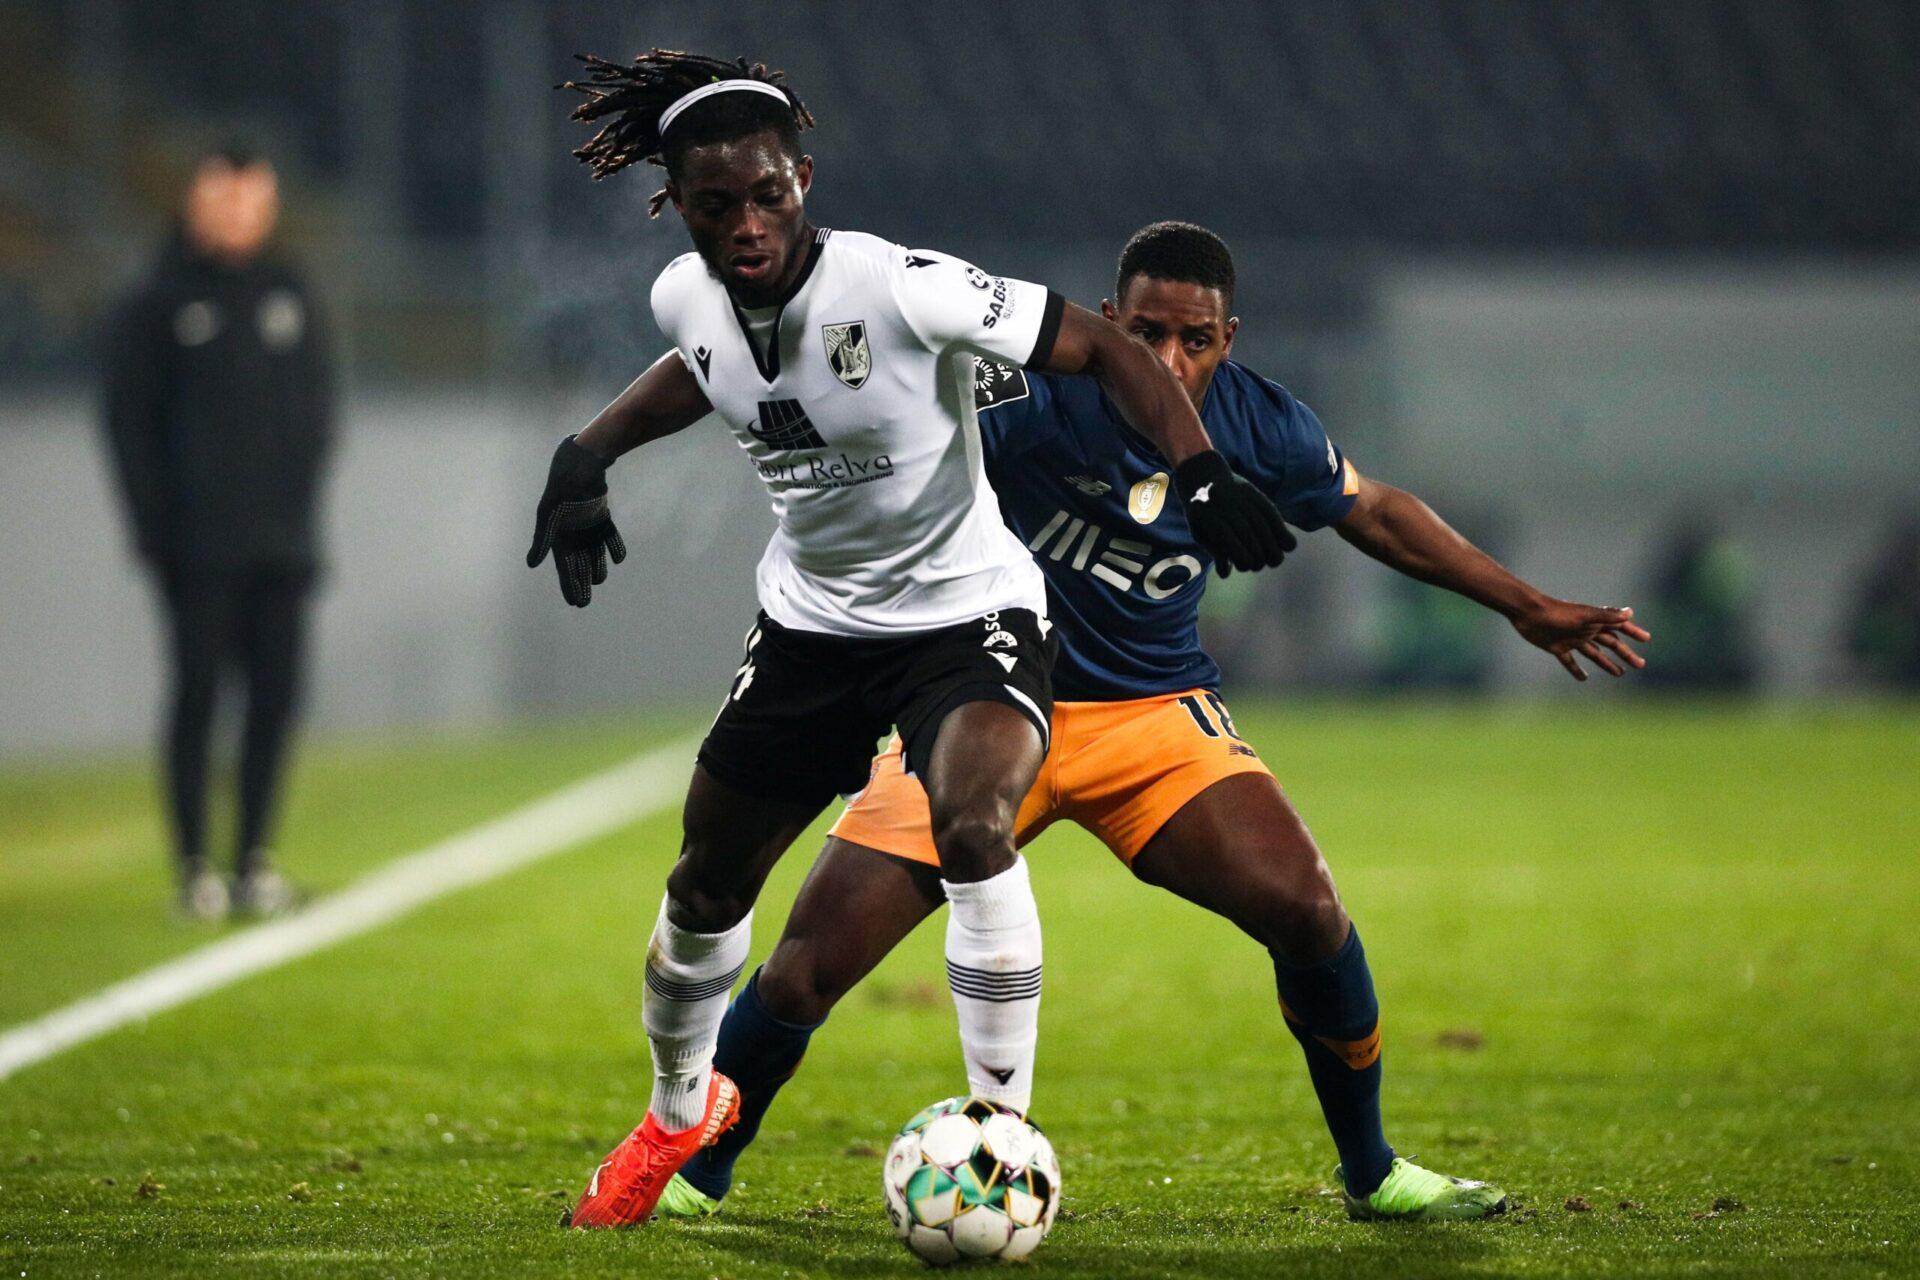 La saison passée, Gideon Mensah était prêté par le RB Salzbourg au Vitória Guimarães où il a disputé 23 rencontres (iconsport)